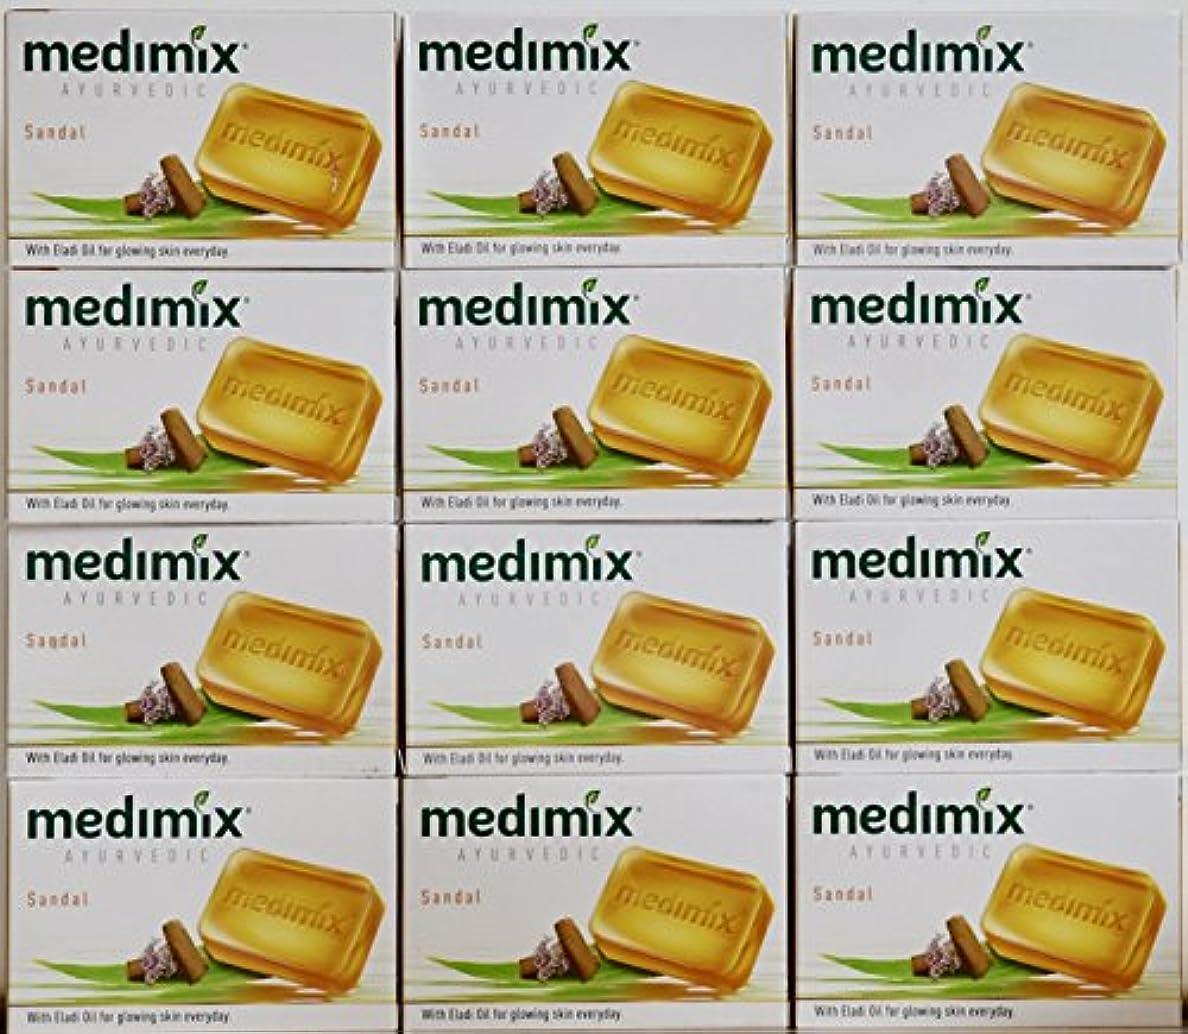 選出する手入れ推進medimix メディミックス アーユルヴェディックサンダル 石鹸(旧商品名クラシックオレンジ))125g 12個入り